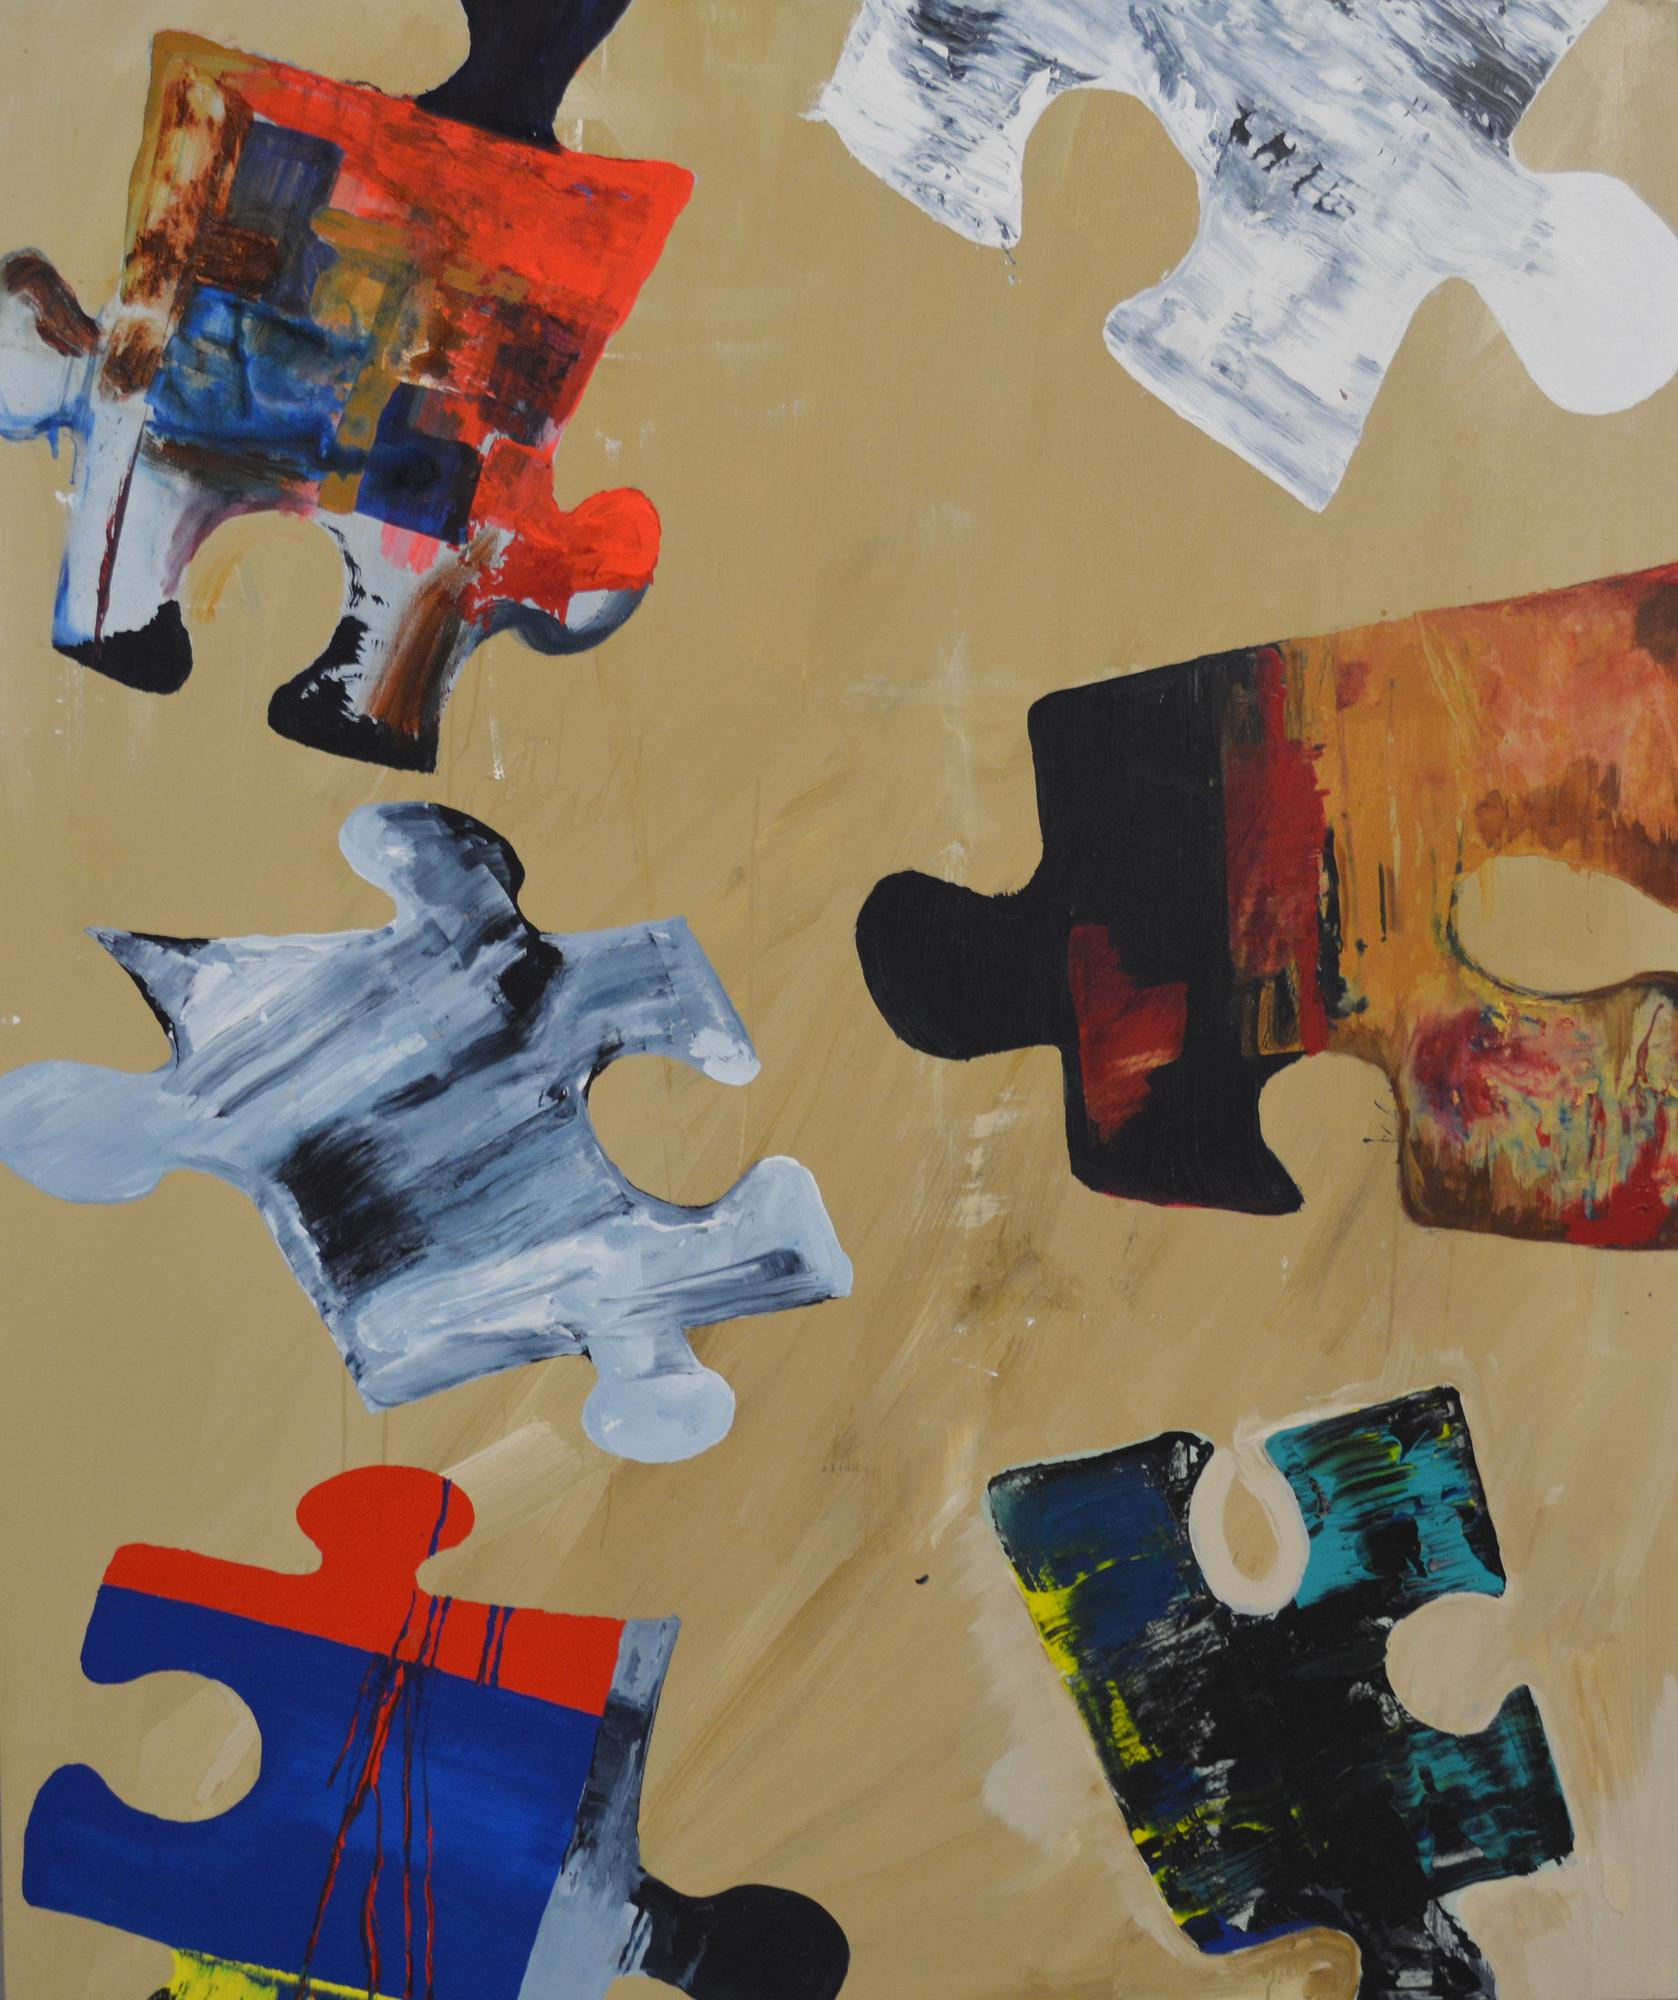 puzzle-paint-8-2.jpg